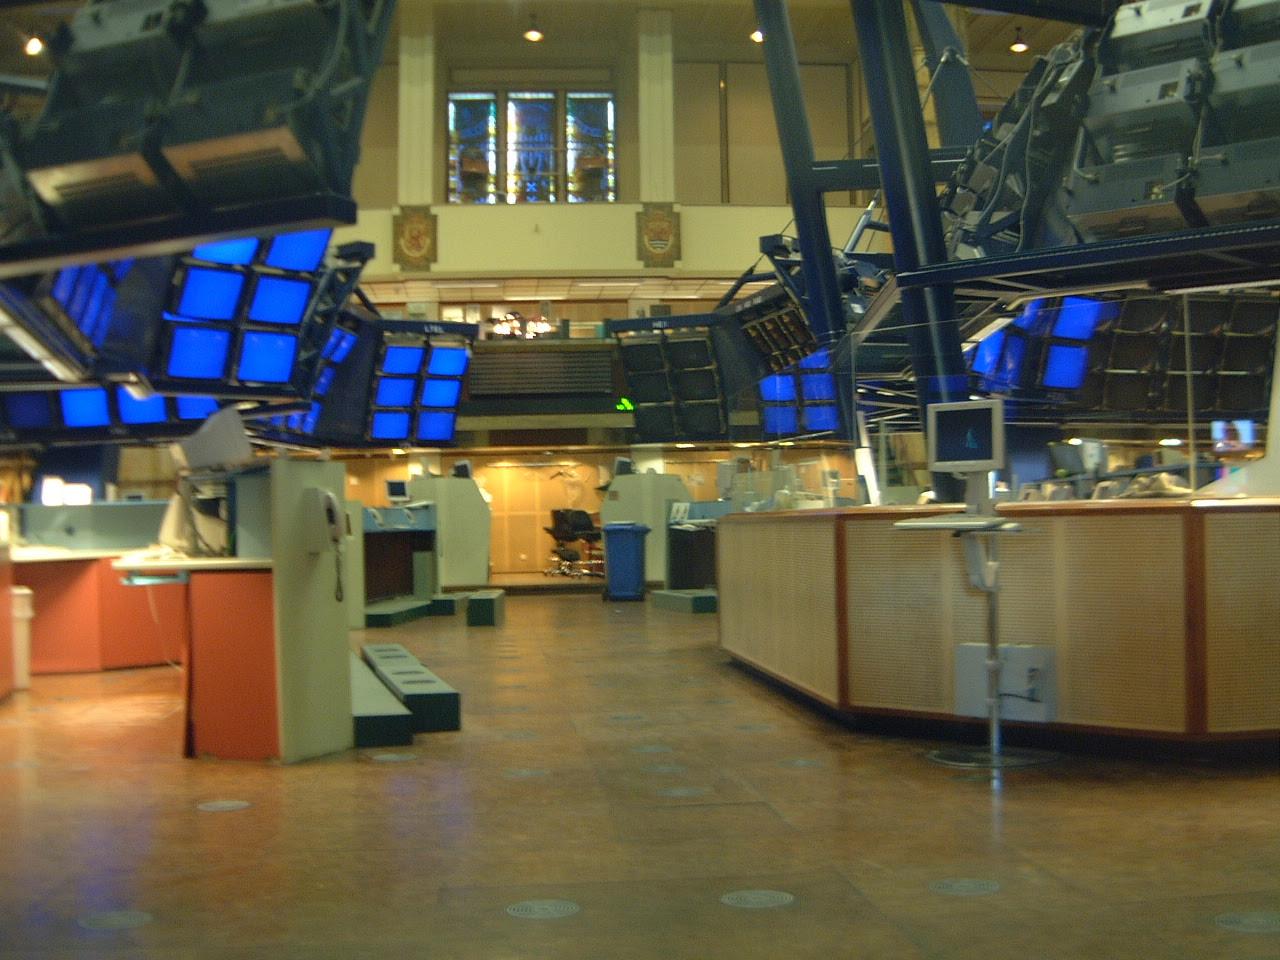 maartent stock exchange blue screens monitors empty floor trading aex amsterdam